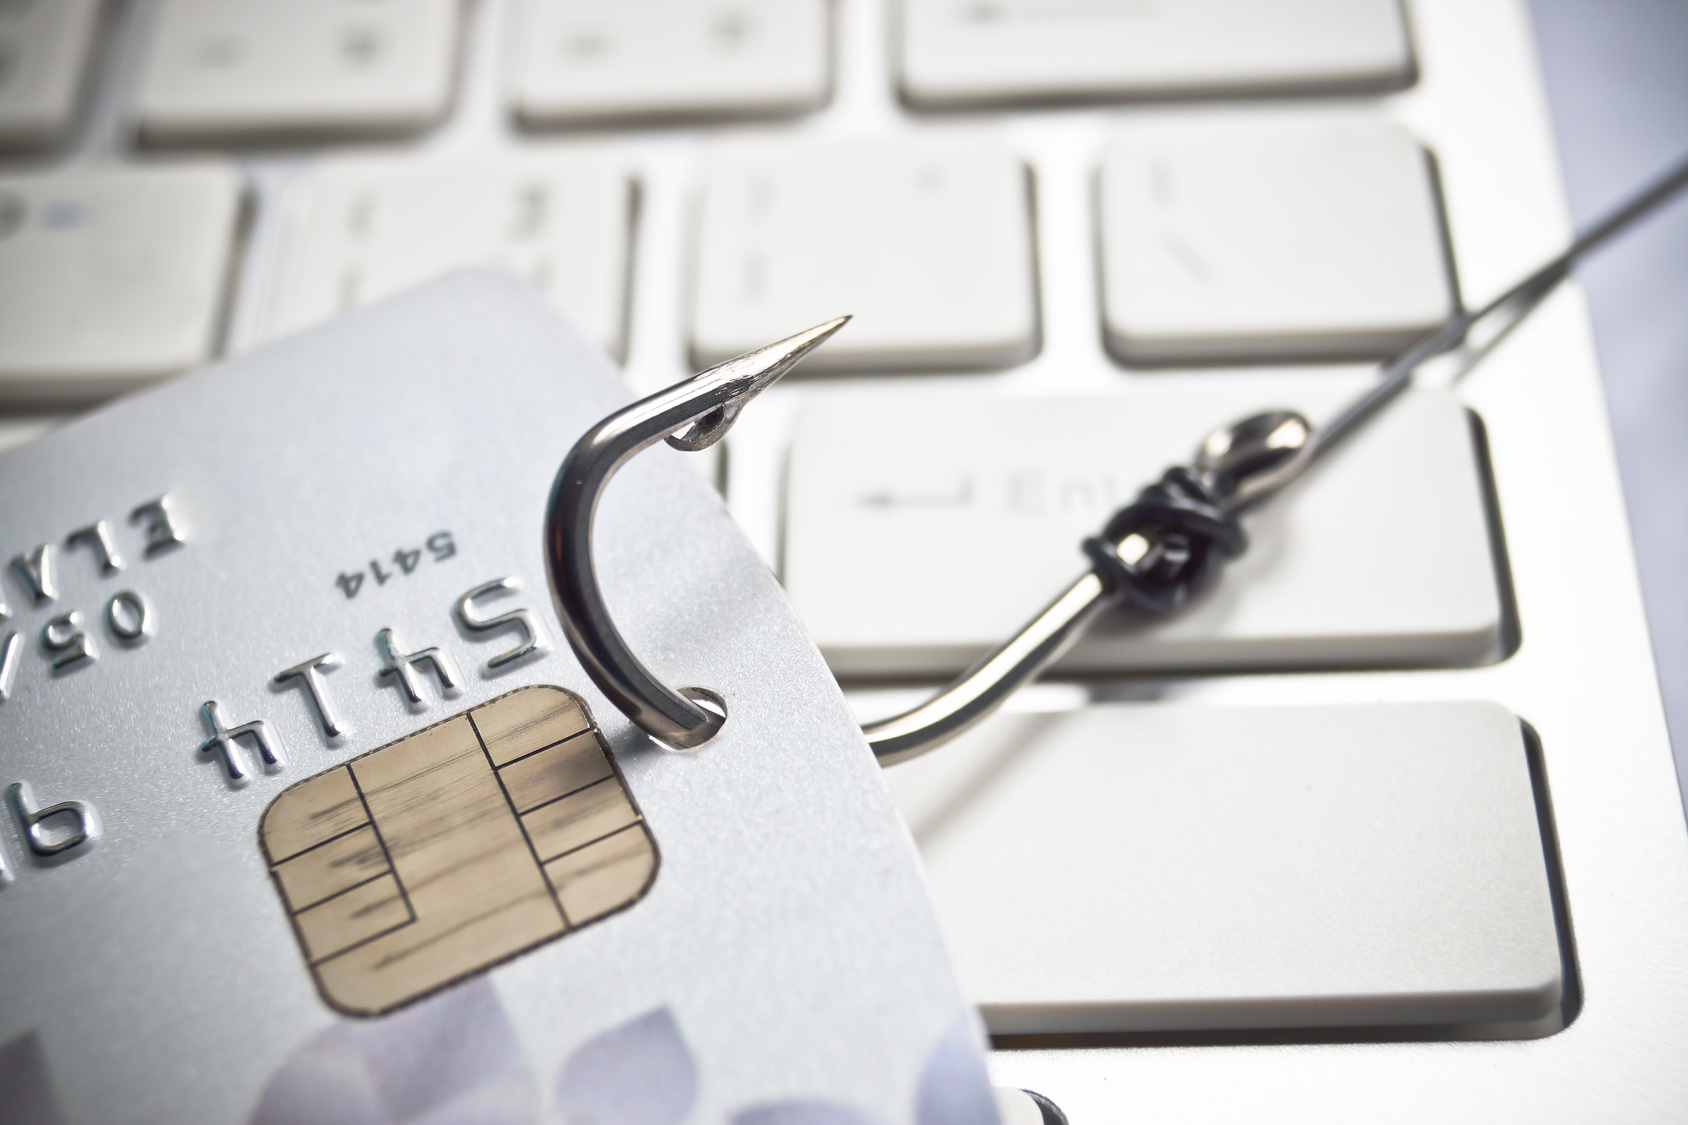 Kostenlose online-dating-sites ohne kreditkarten oder bezahlung